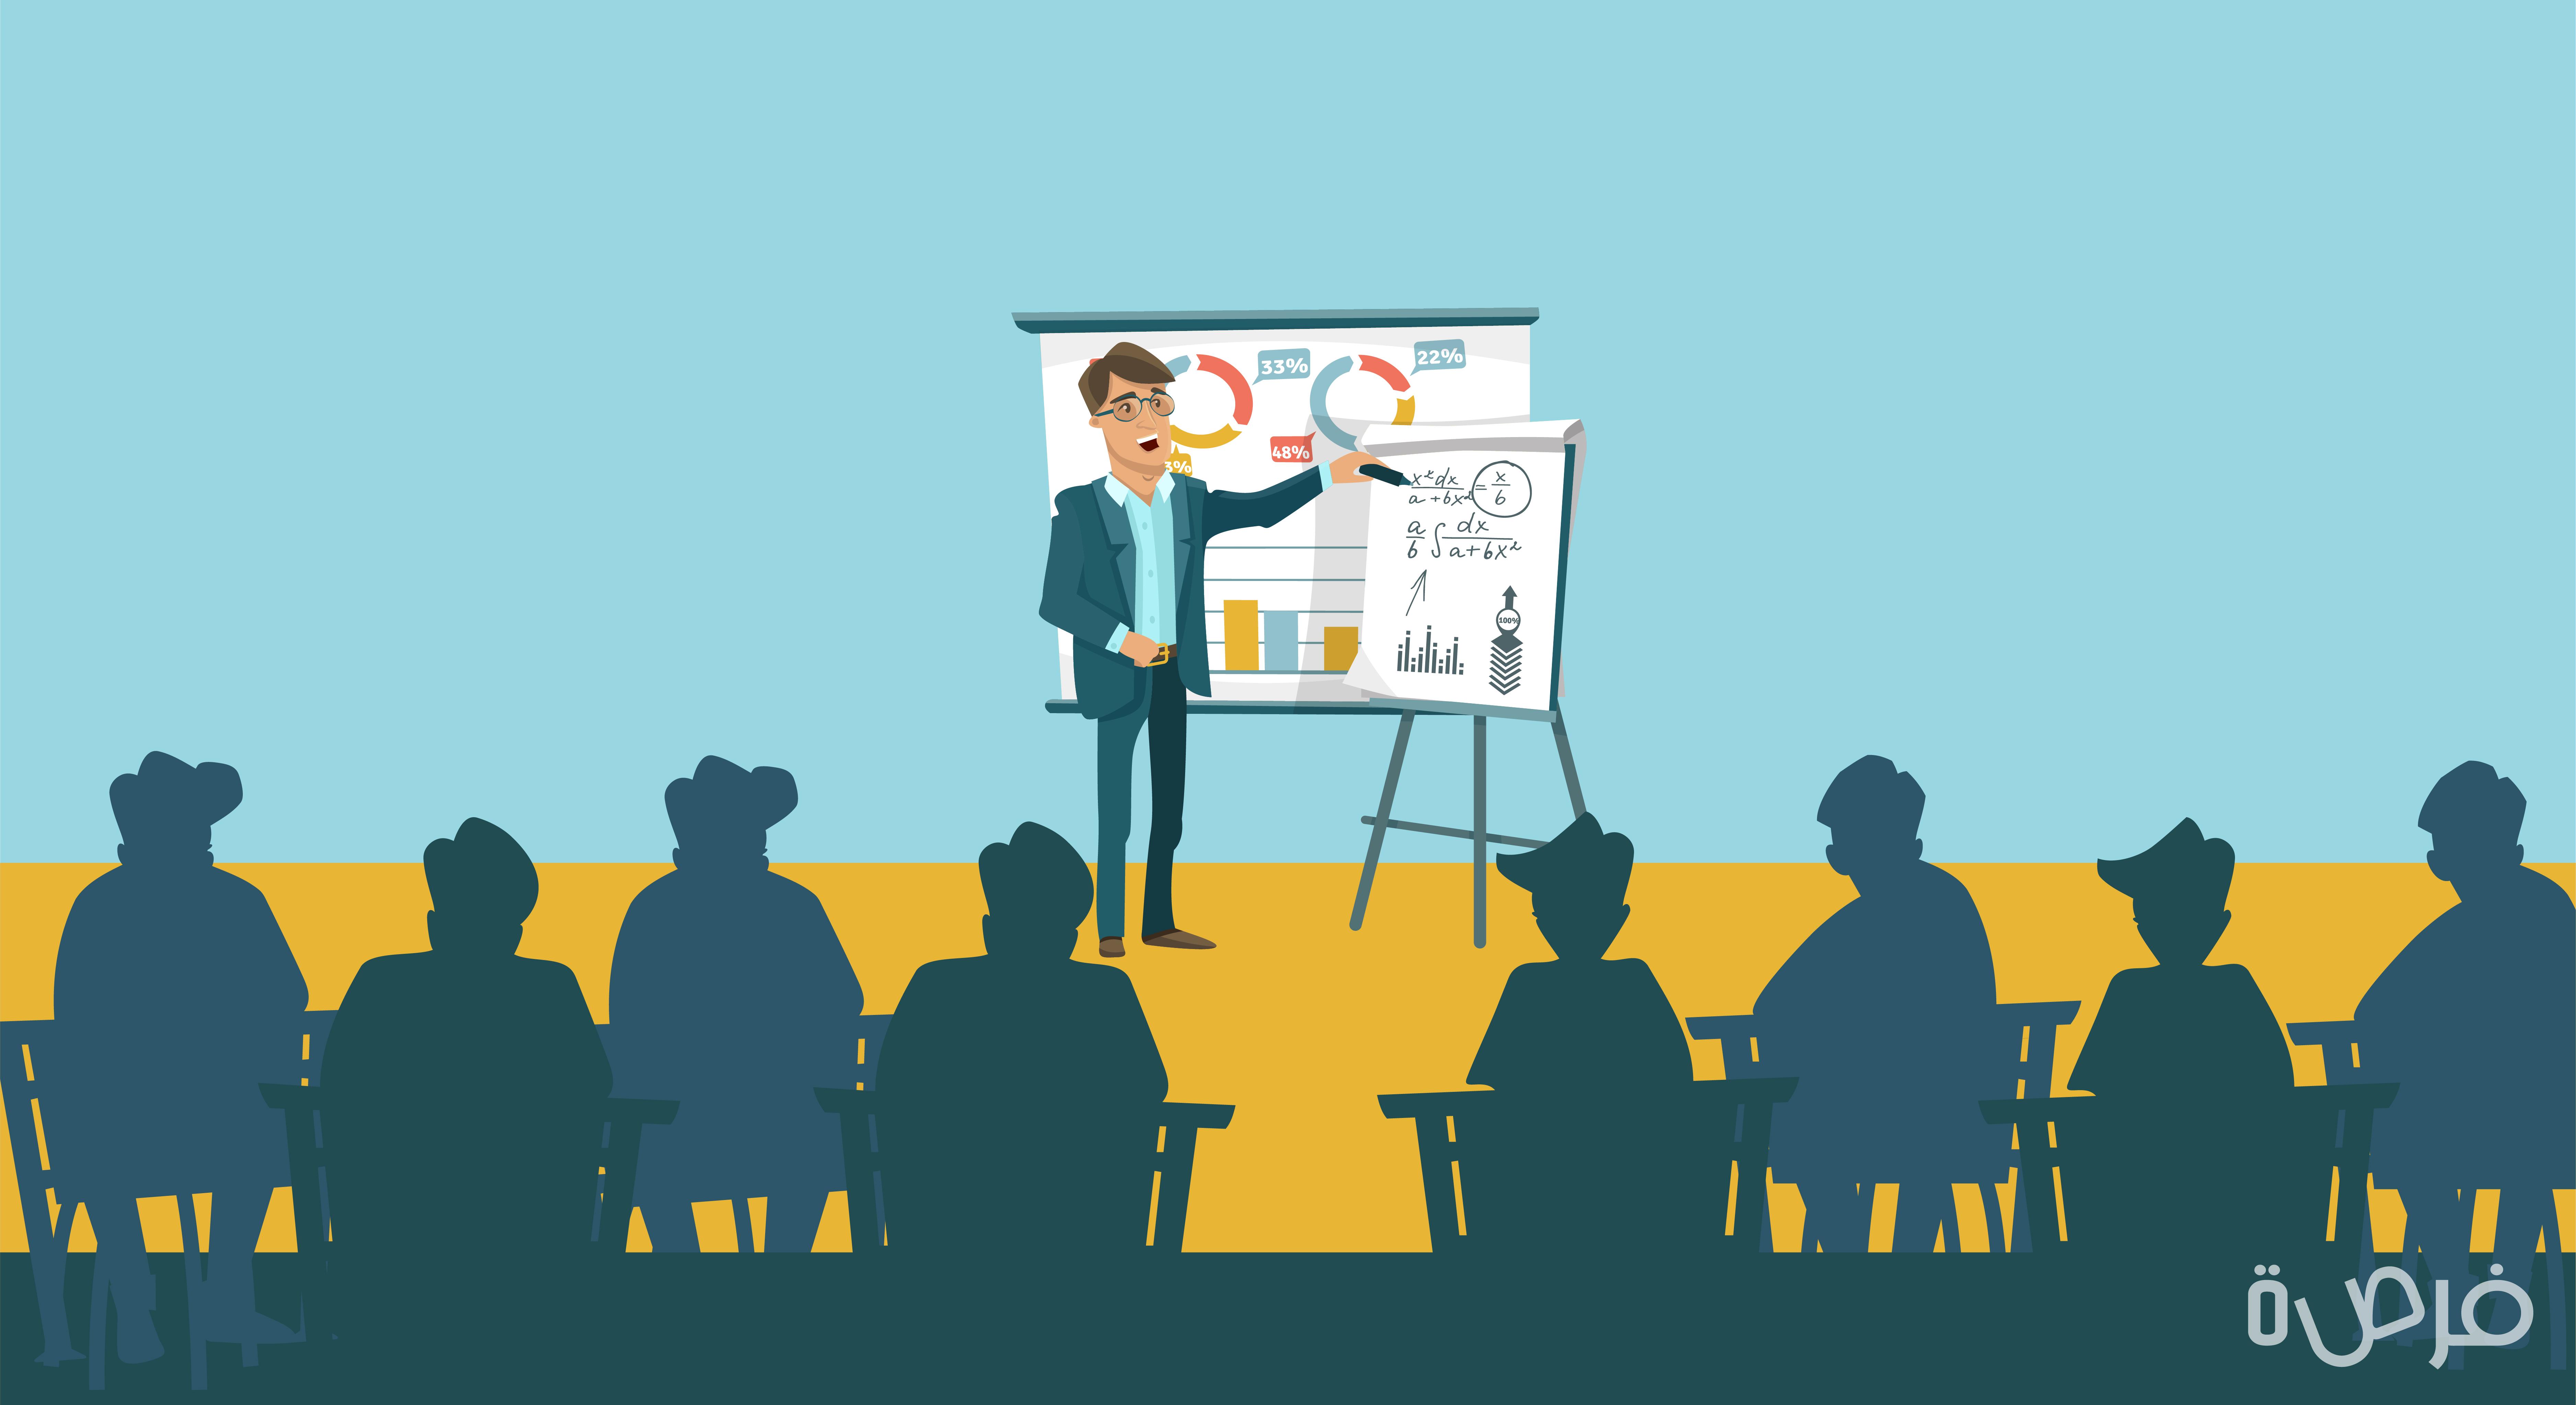 ما هي الدورات التدريبية التي يجب أن يلتحق بها الموظفين ...